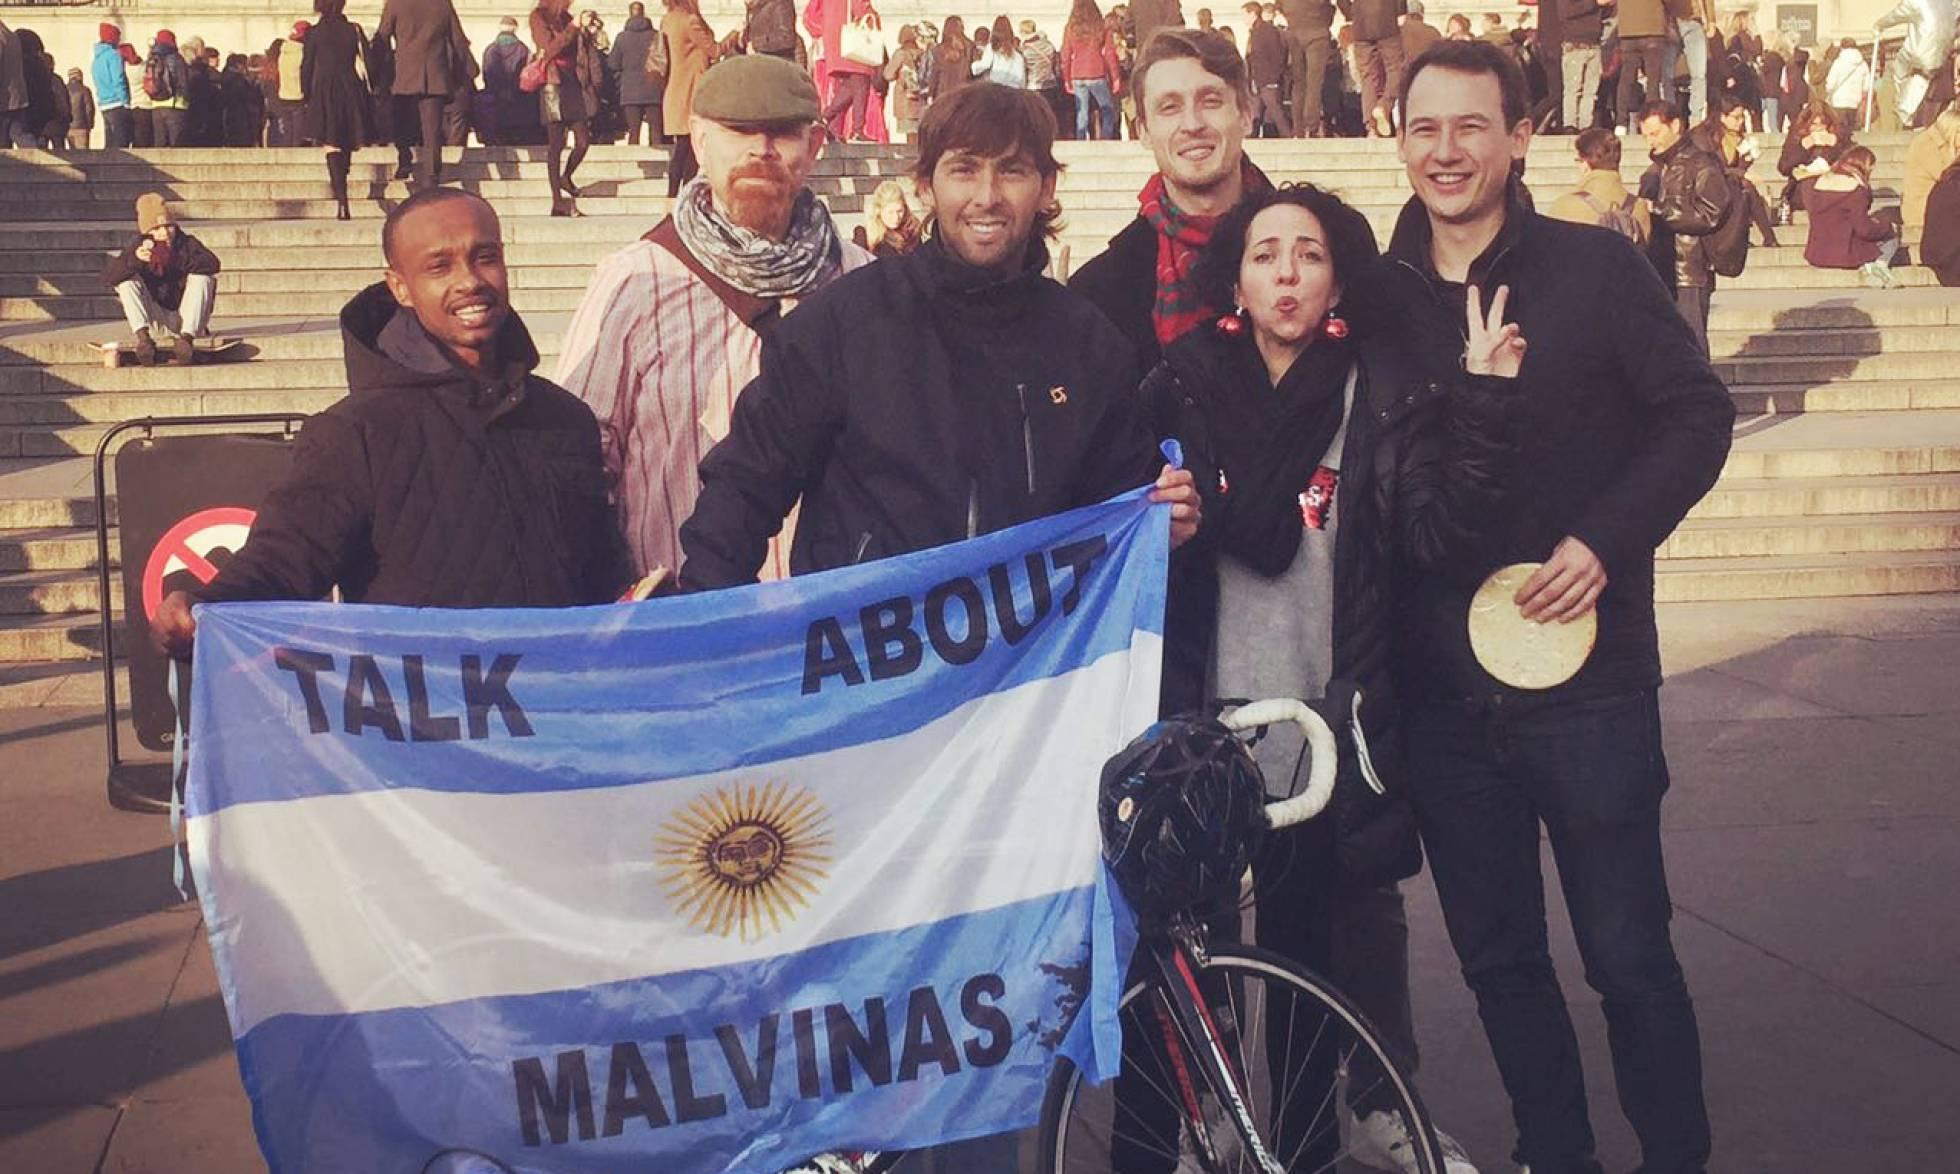 Malvinas en los medios nacionales e internacionales. - Página 39 1485368882_020953_1485455559_noticia_normal_recorte1